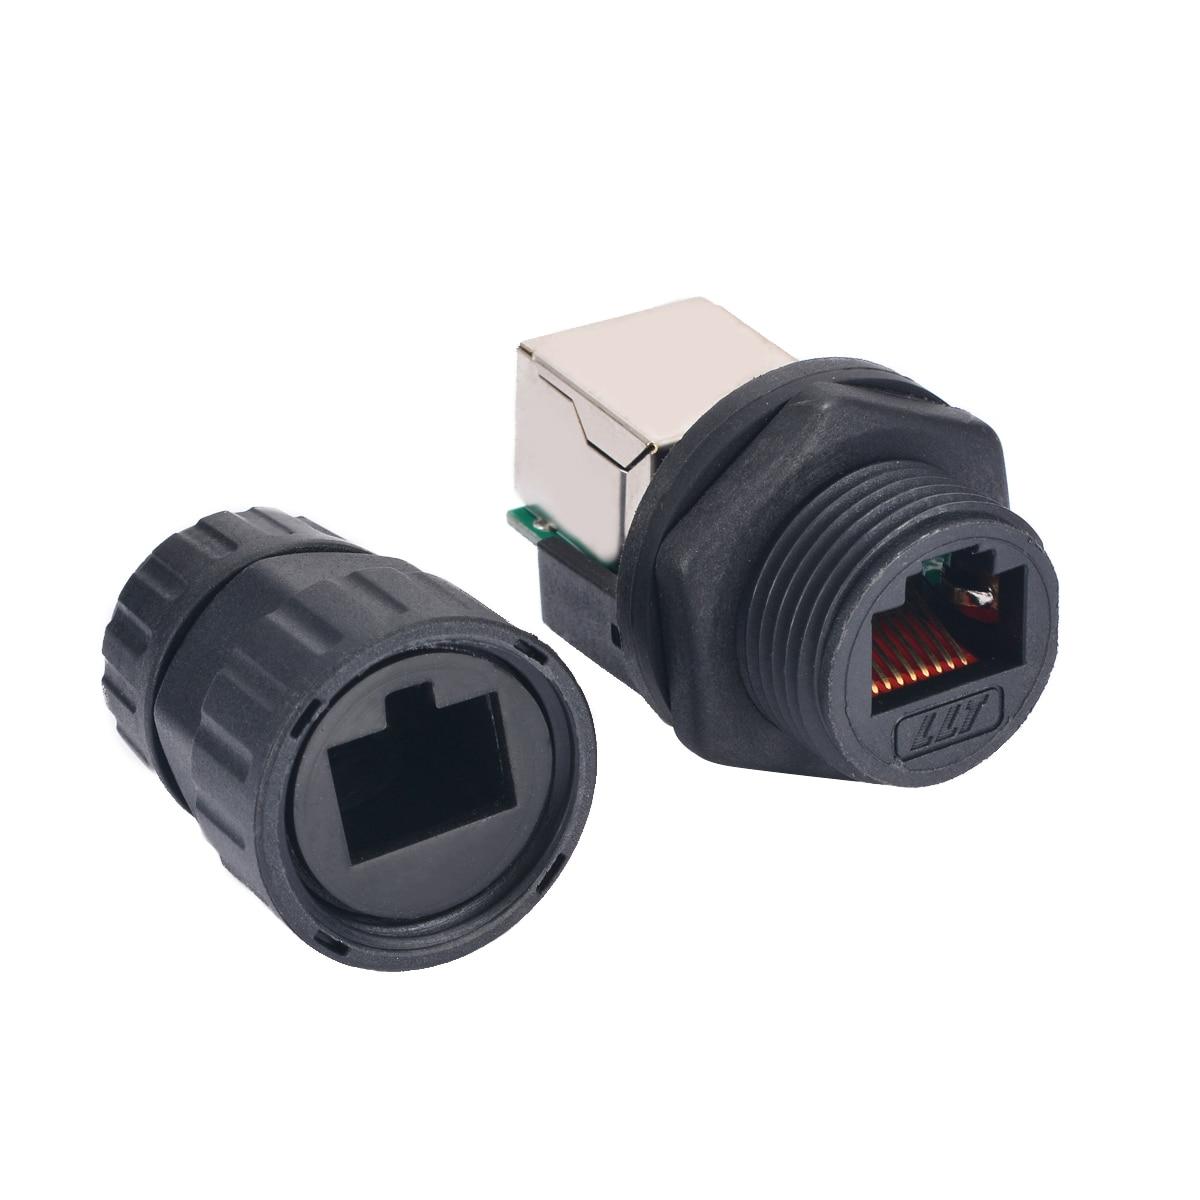 10pcs Ethernet LAN IP68 AP Waterproof Connector 8-Pin RJ45 M25 Black